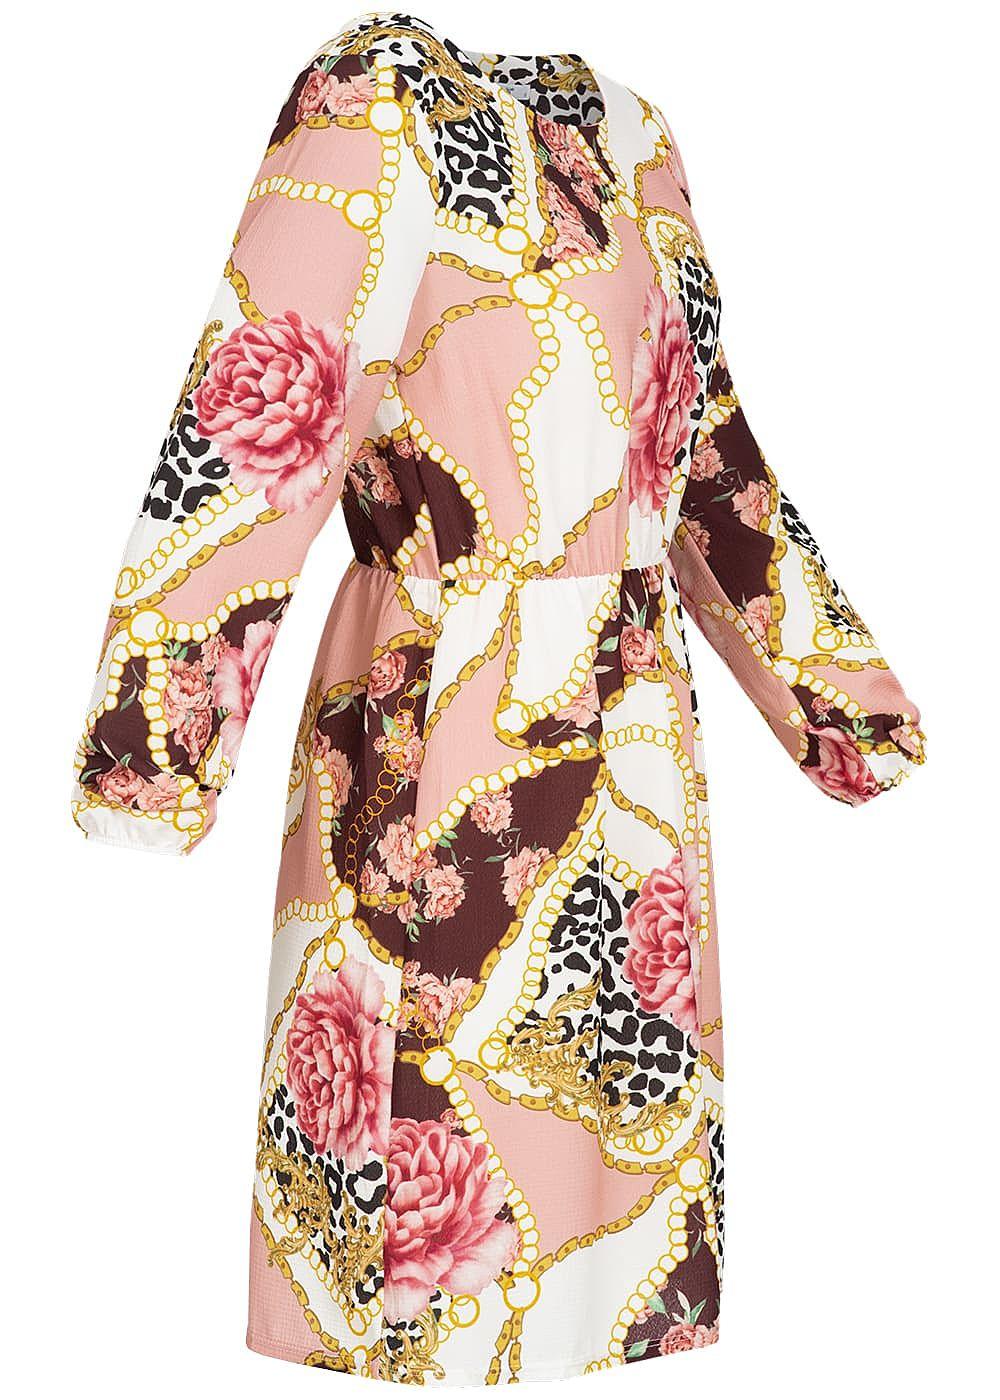 hailys damen kleid ketten & blumen muster rosa weiss gelb